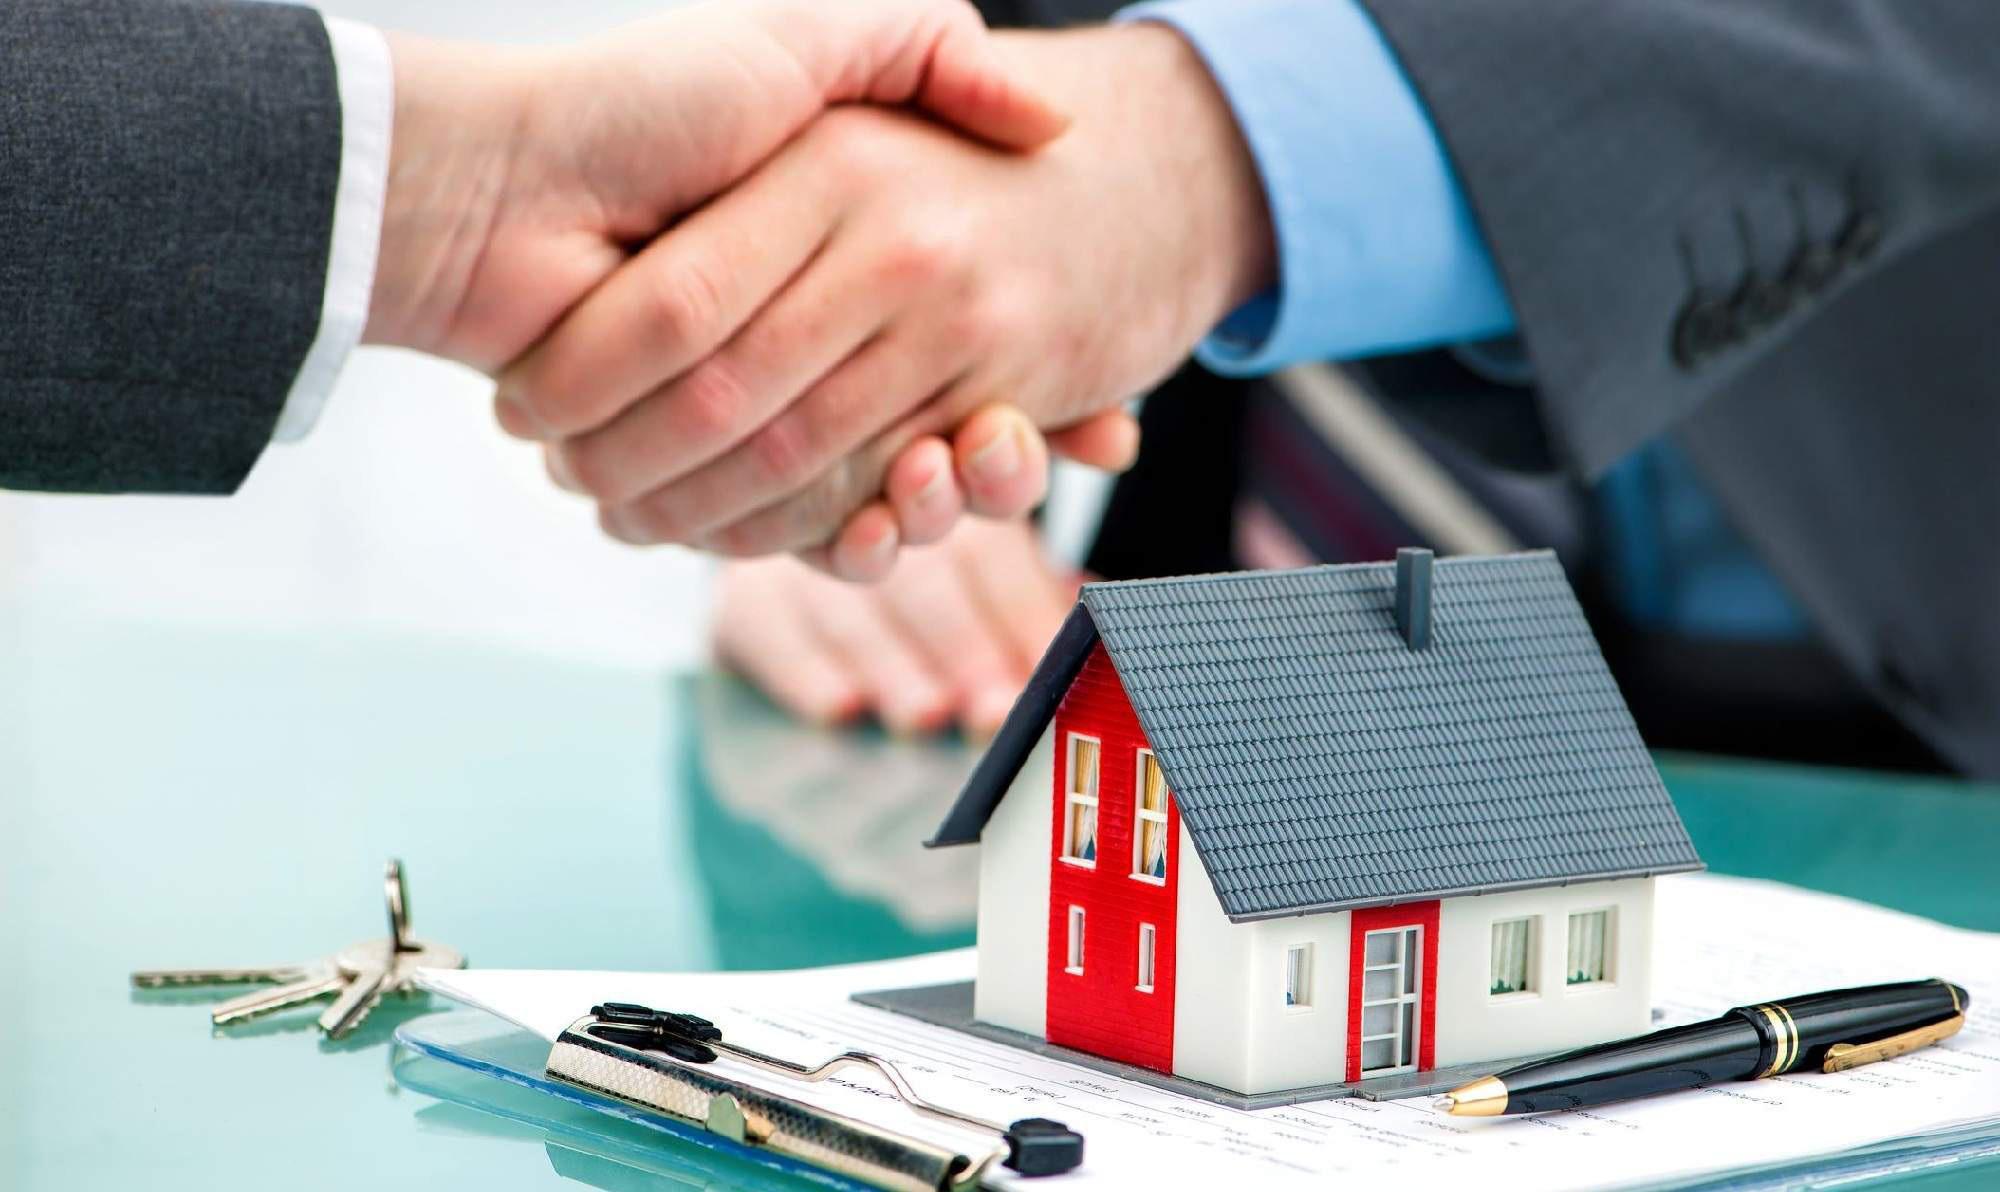 Những sai lầm nghiêm trọng khiến người mua nhà vỡ nợ và chịu quả đắng